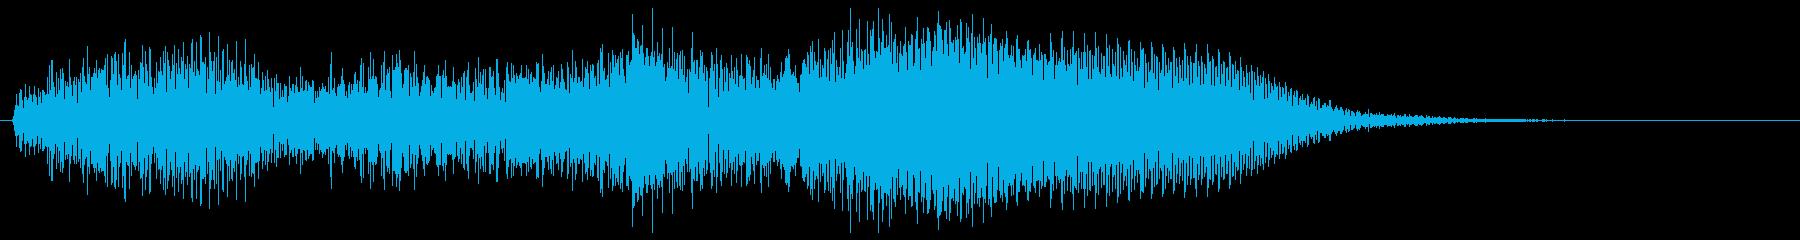 ハープとギターの場面転換 コードじゃらんの再生済みの波形